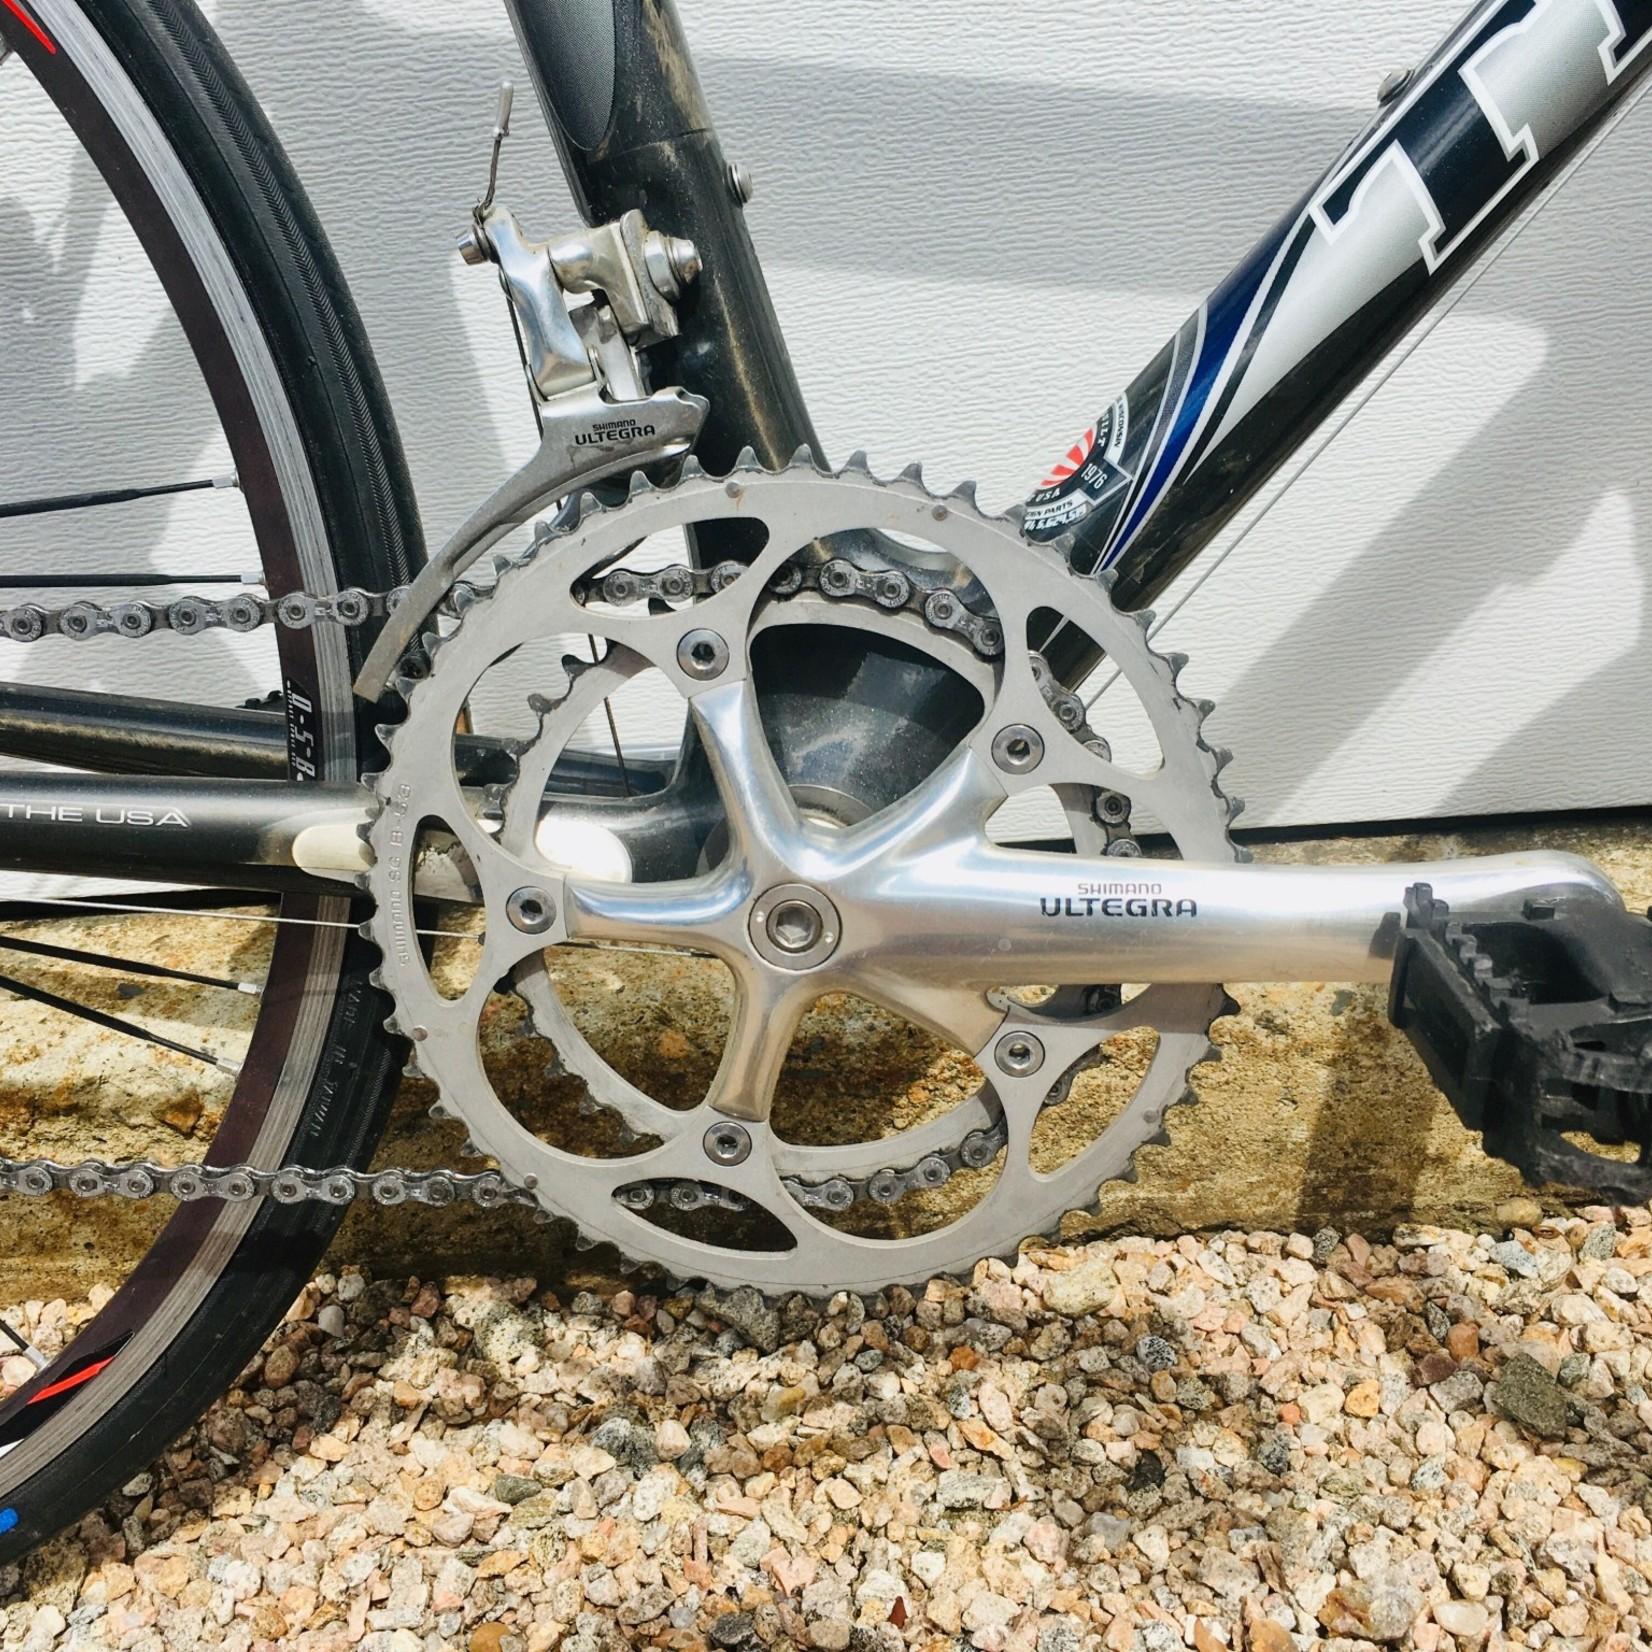 Trek Trek 5200 Gray 48cm USED